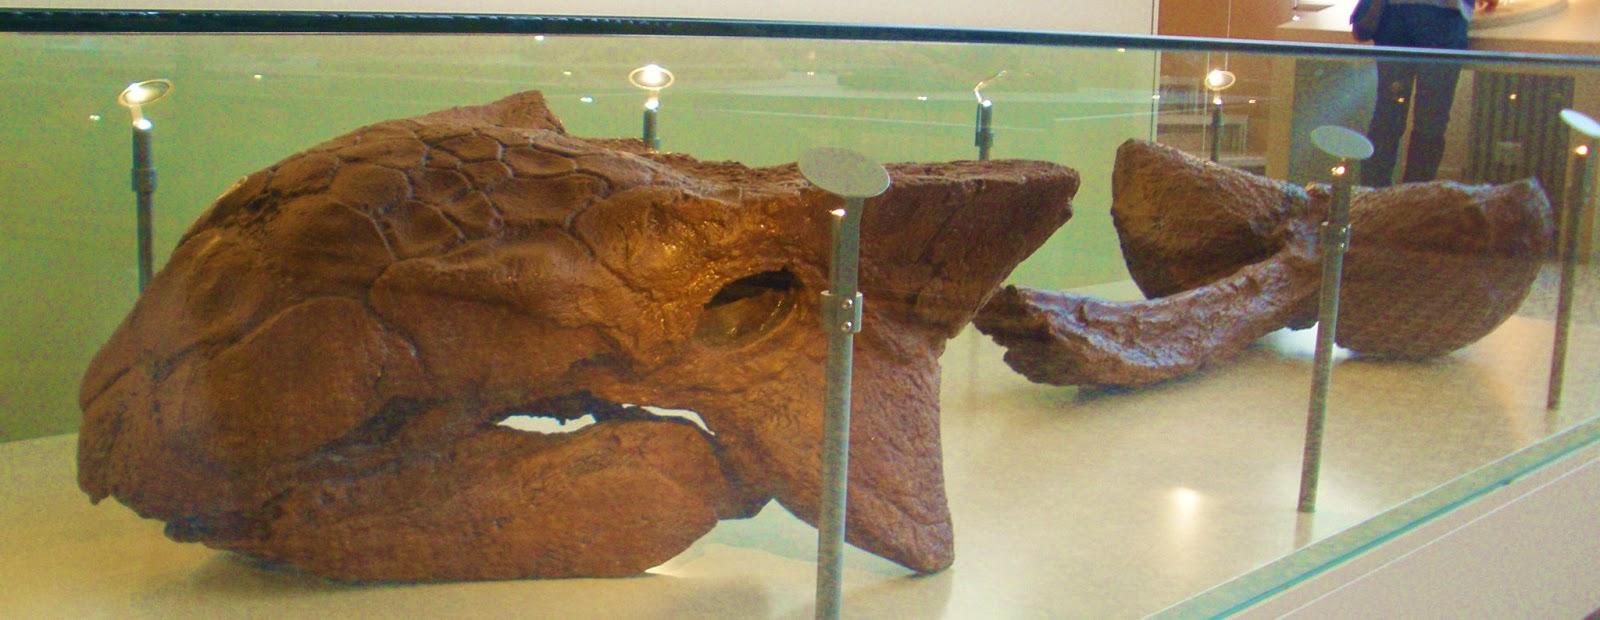 Il nome Ankilosaurus vuole dire rettile fuso